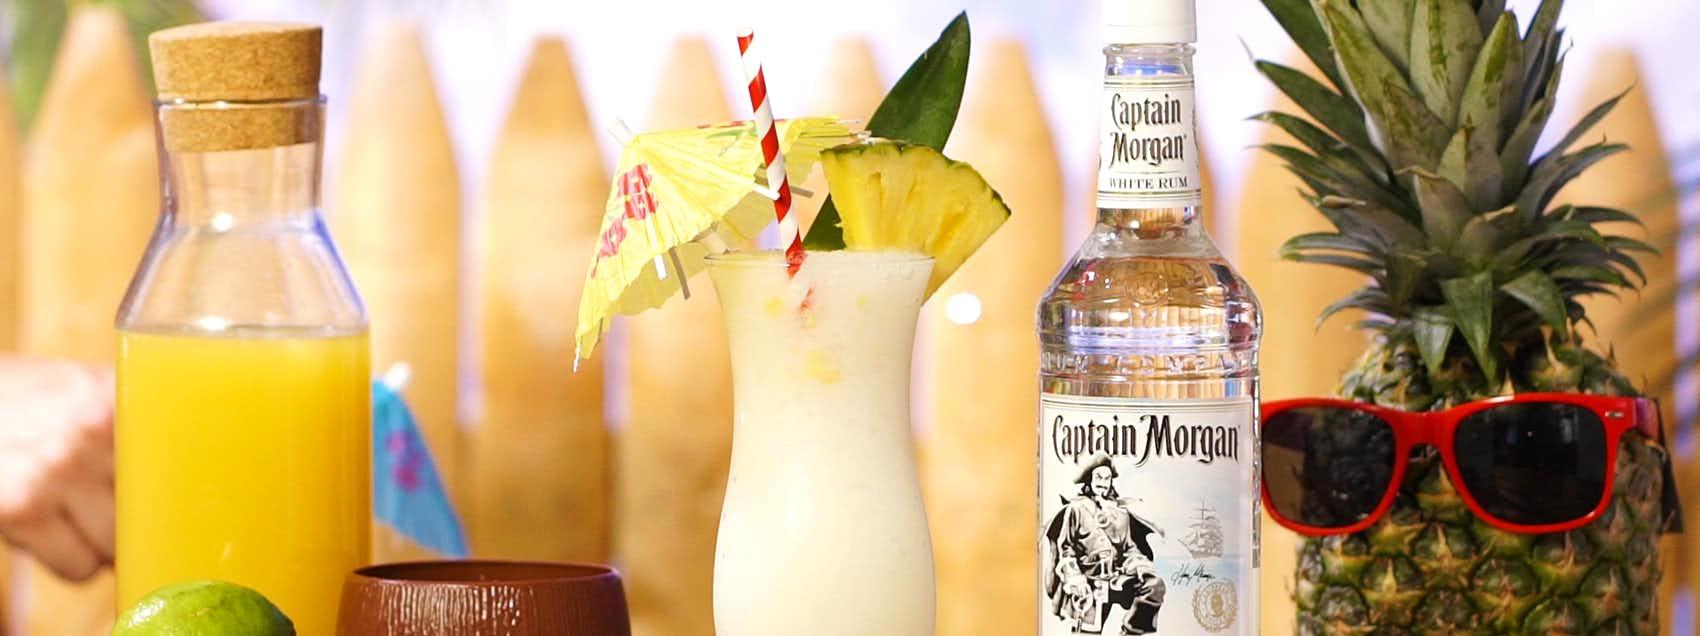 Captain Morgan Pina Colada